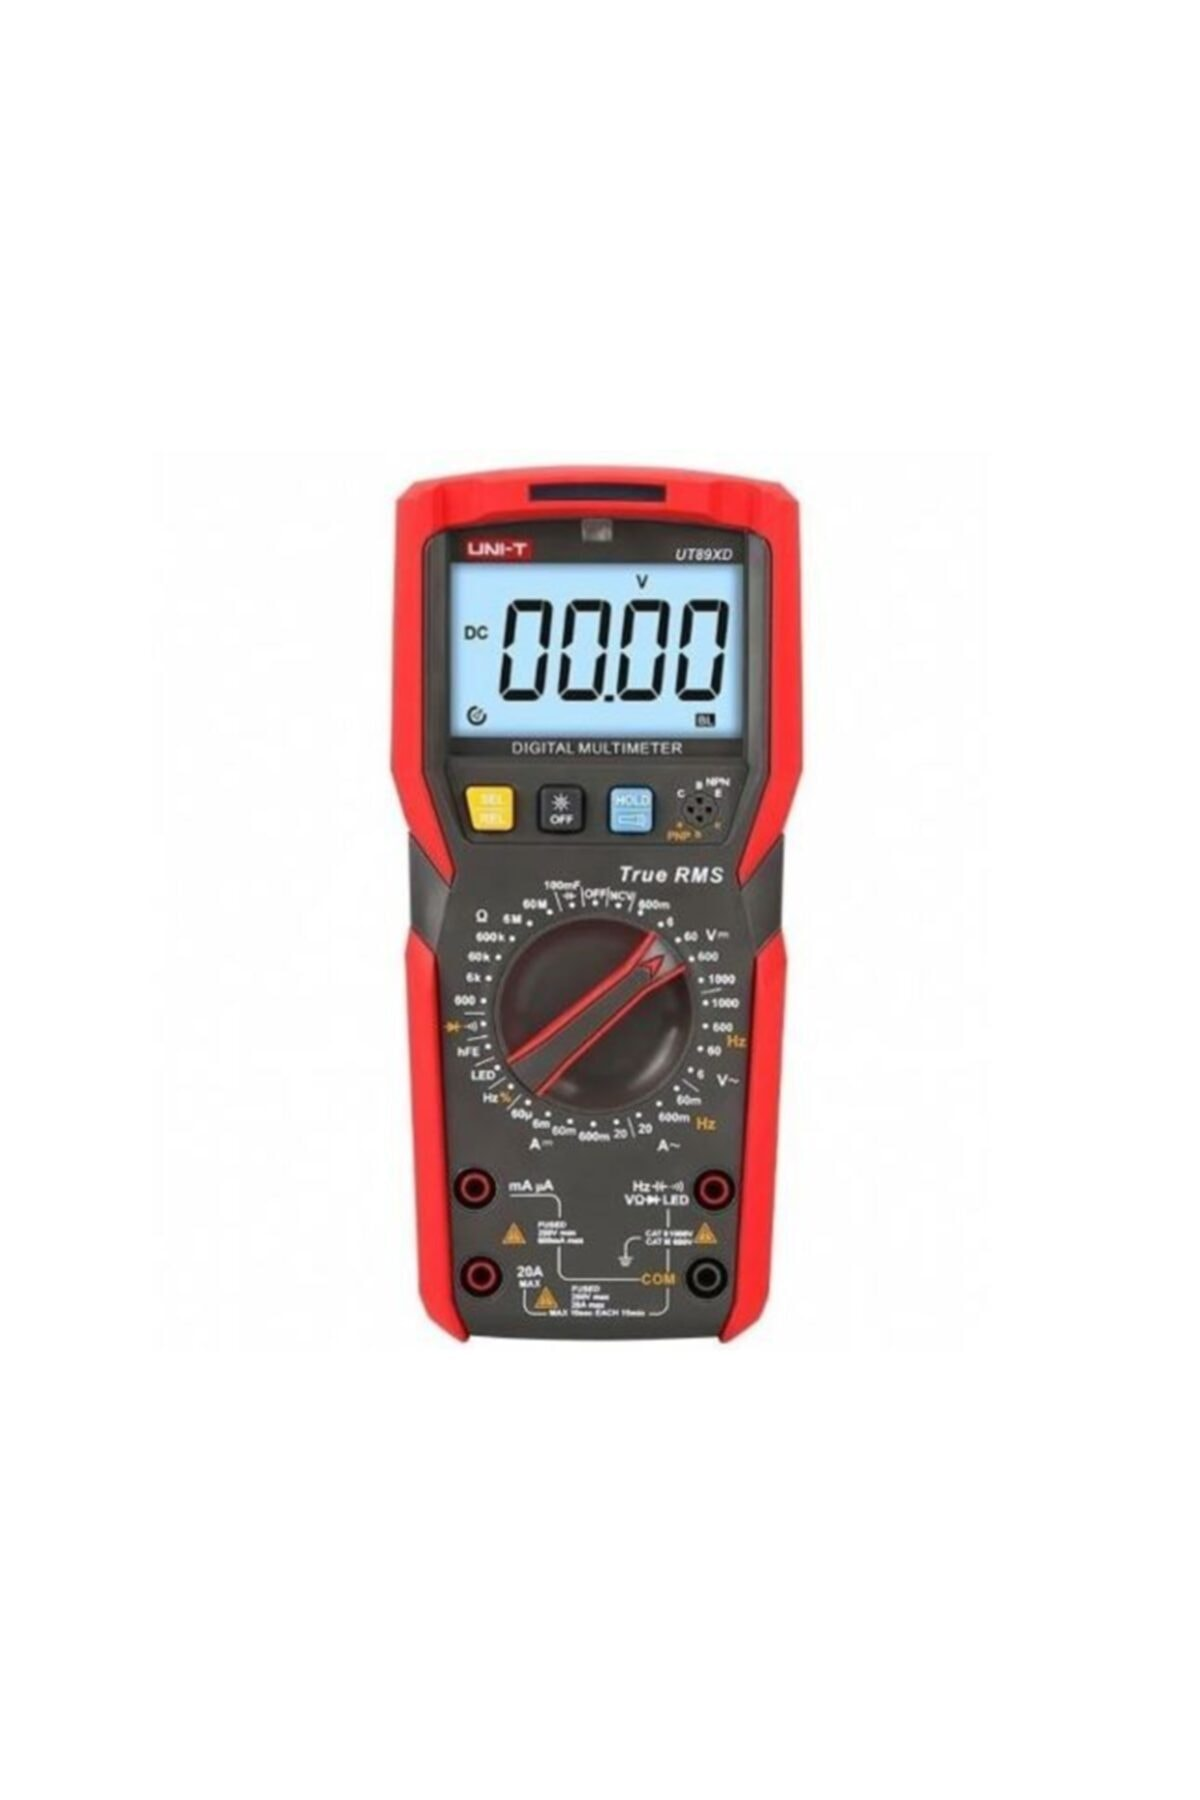 Ut89xd Çok Fonksiyonlu Dijital Multimetre